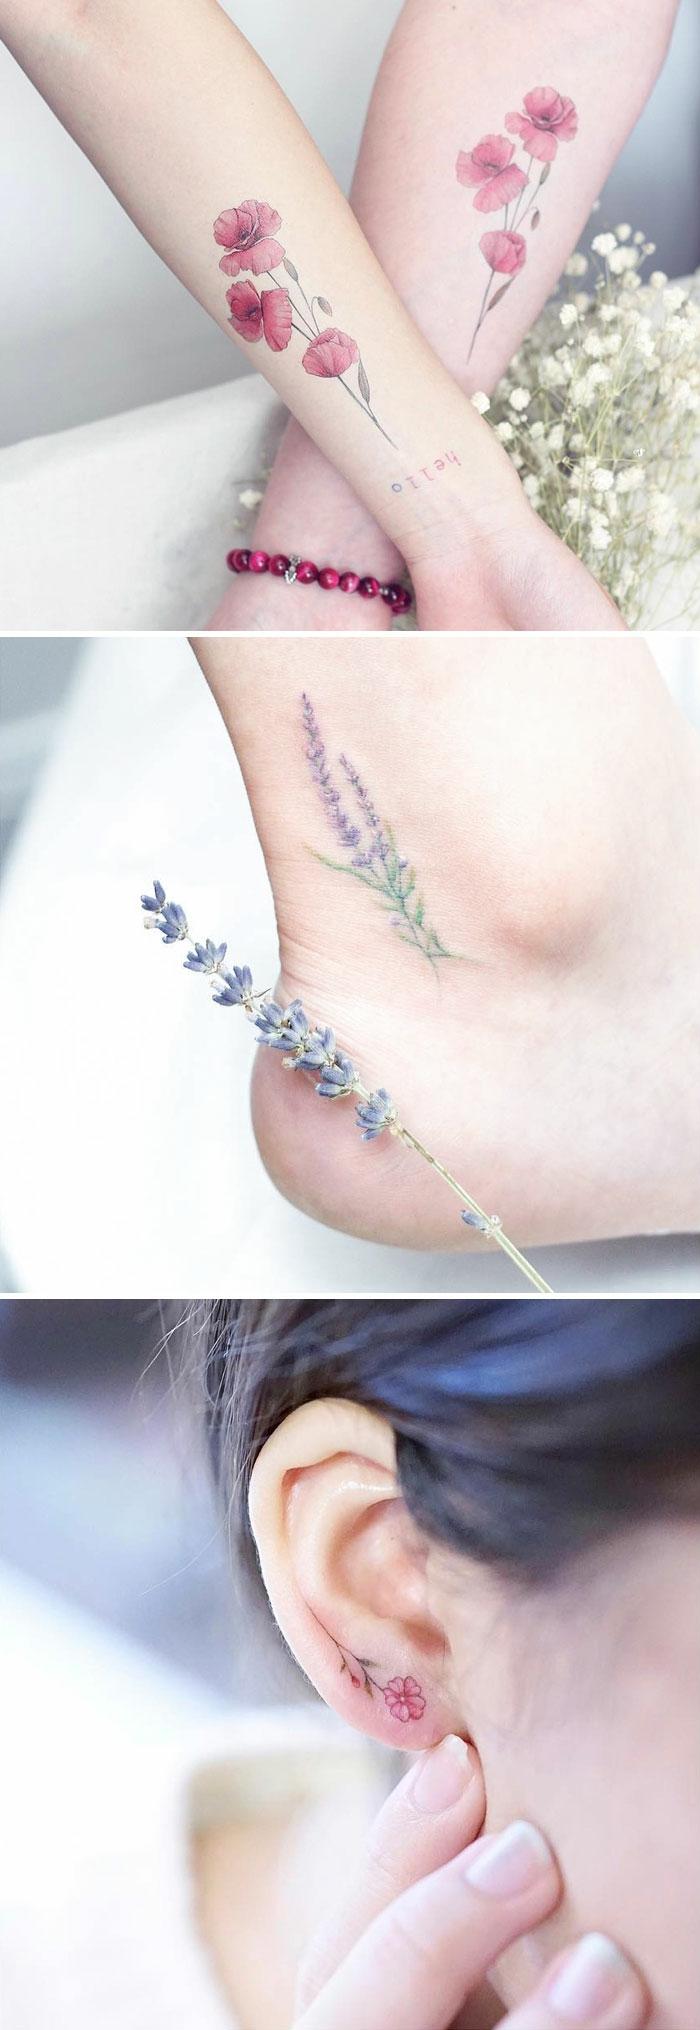 schöne tattoo ranke motive, handtattoo, fußtattoo, kreative tattooidee am ohr, kleine blümchen